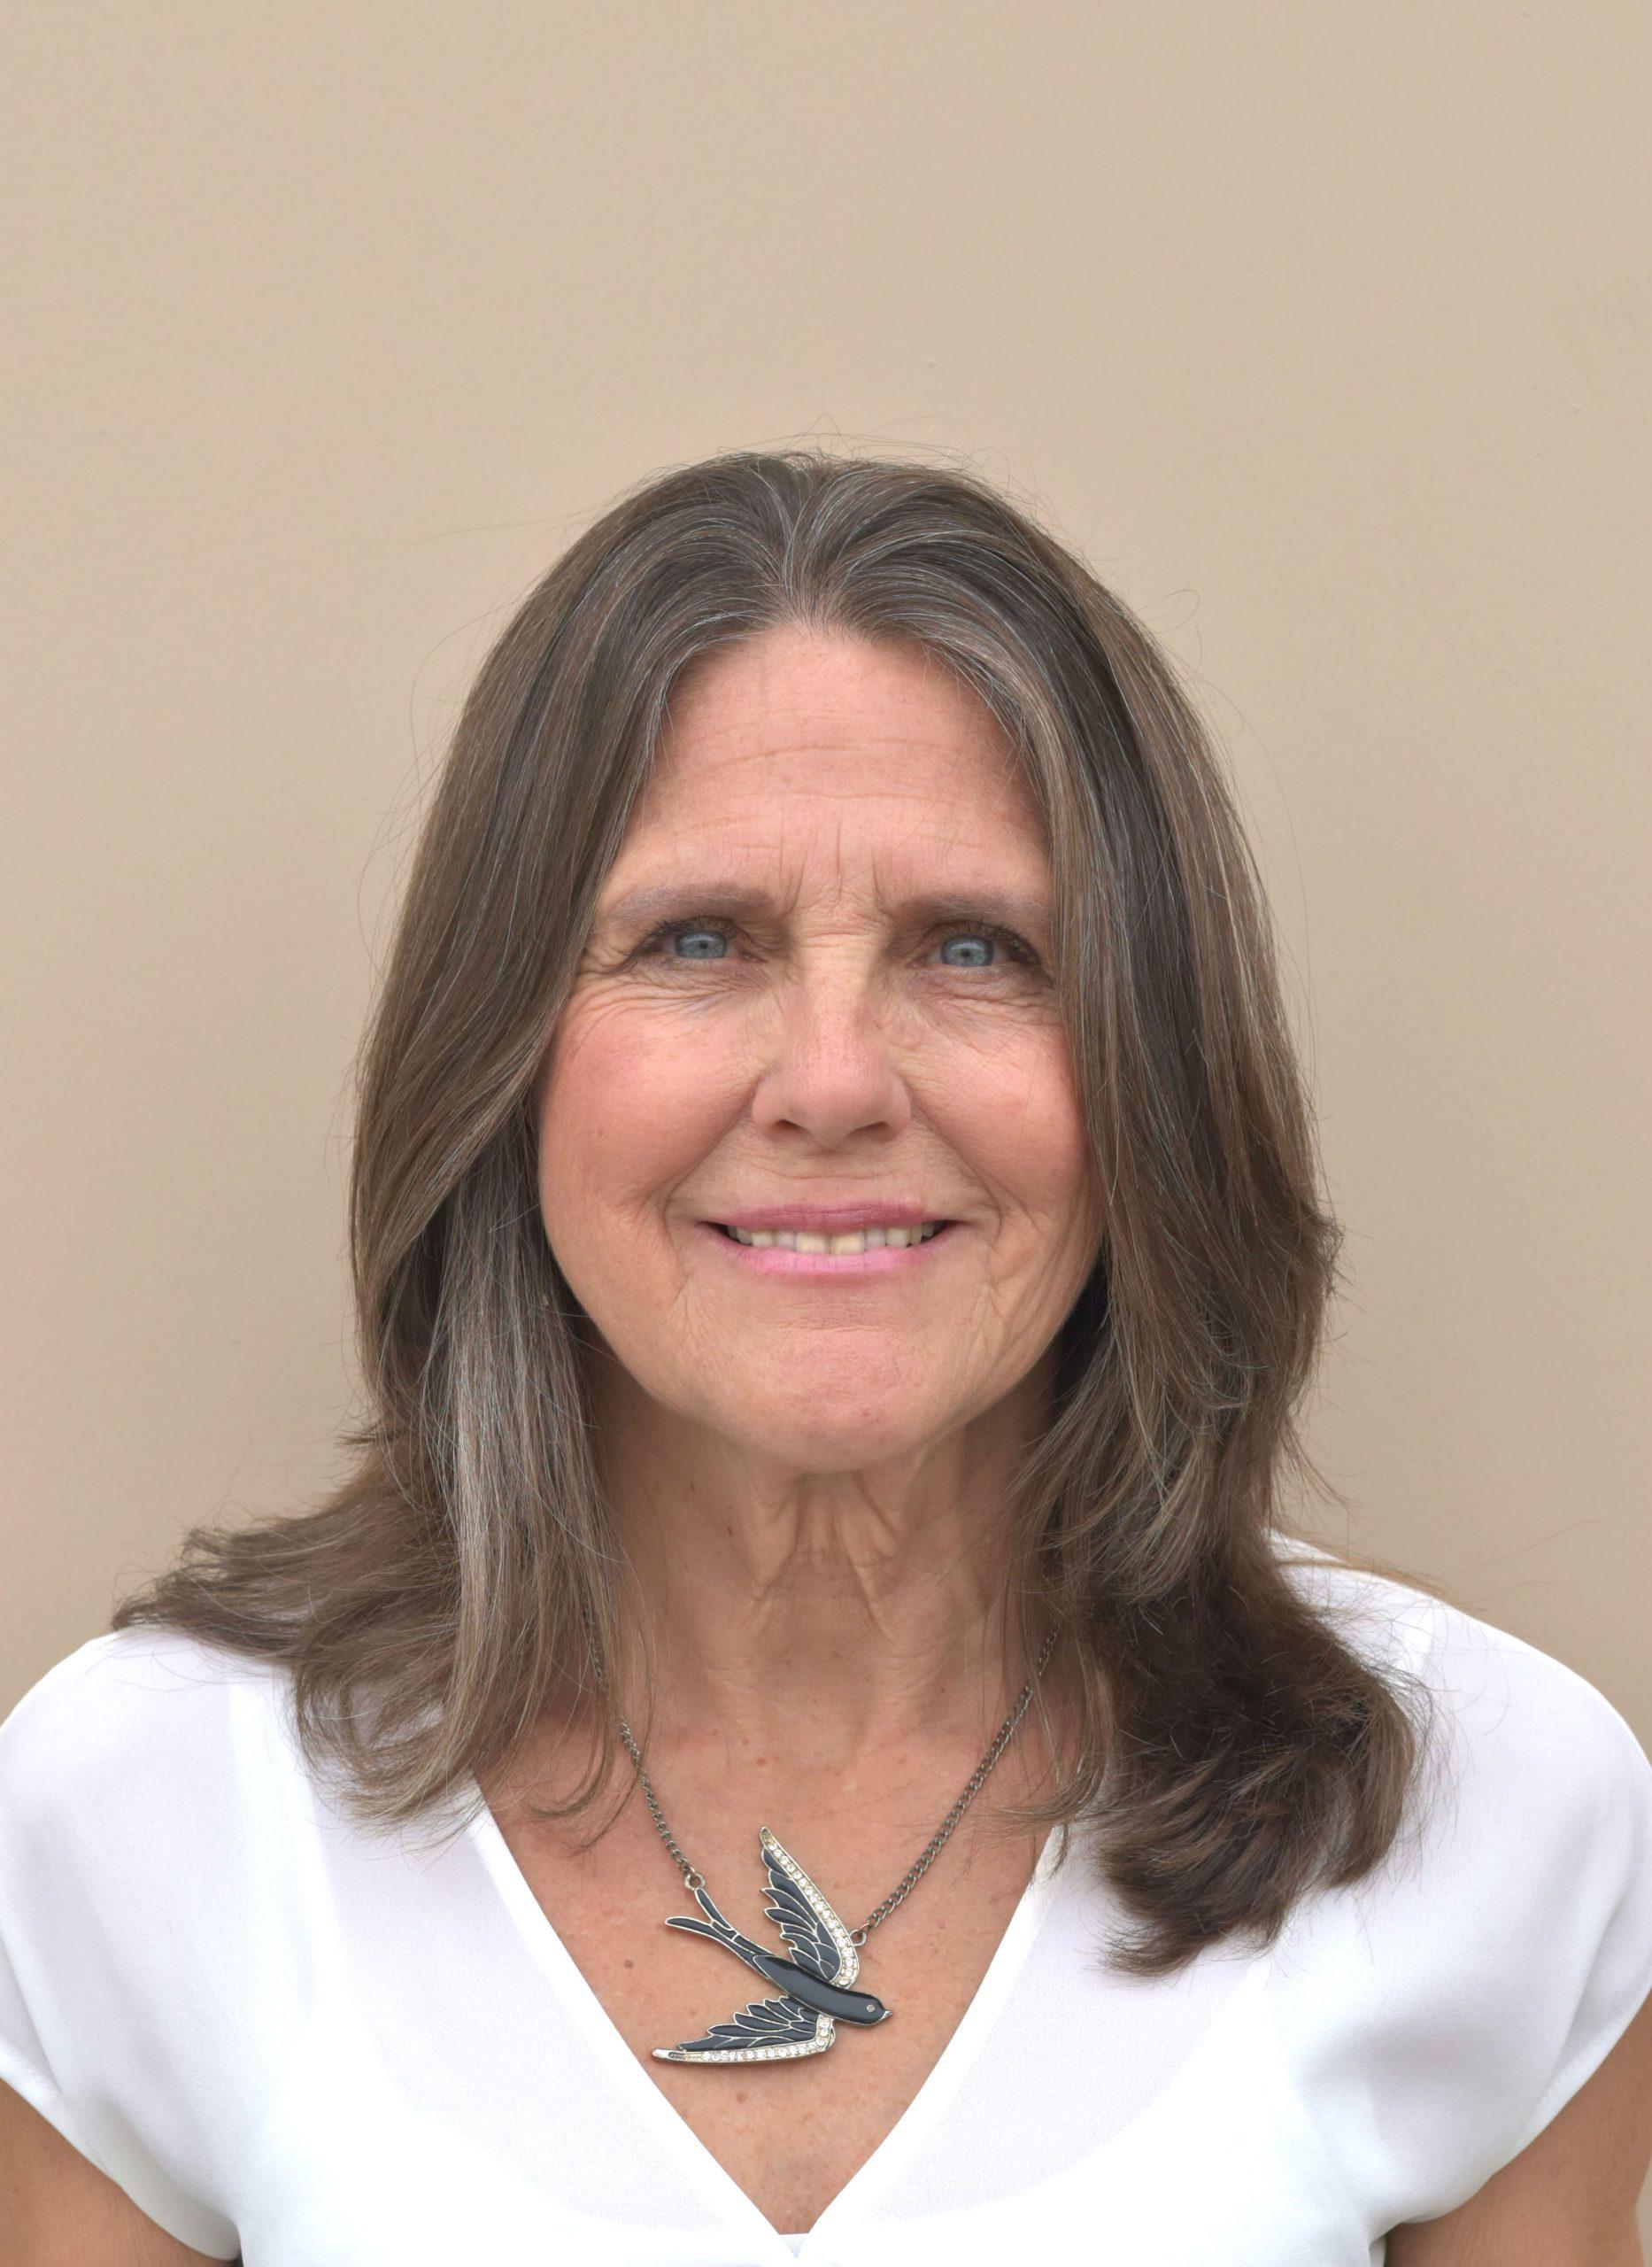 Patti Kinnick